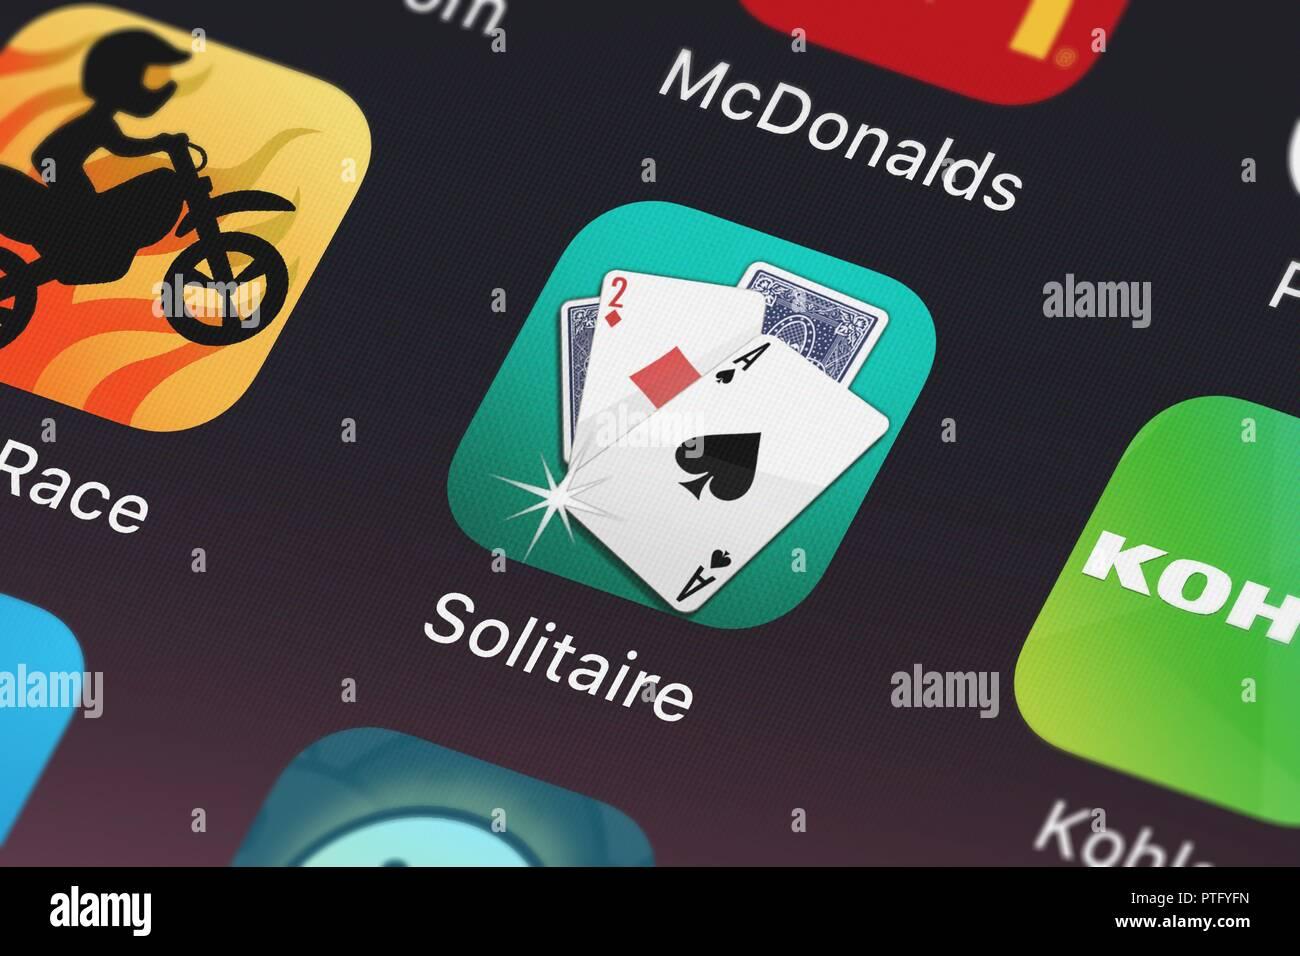 Londres, Royaume-Uni - Octobre 09, 2018: Gros plan d'un doigt de l'Arts populaires app ▻ Solitaire. Banque D'Images